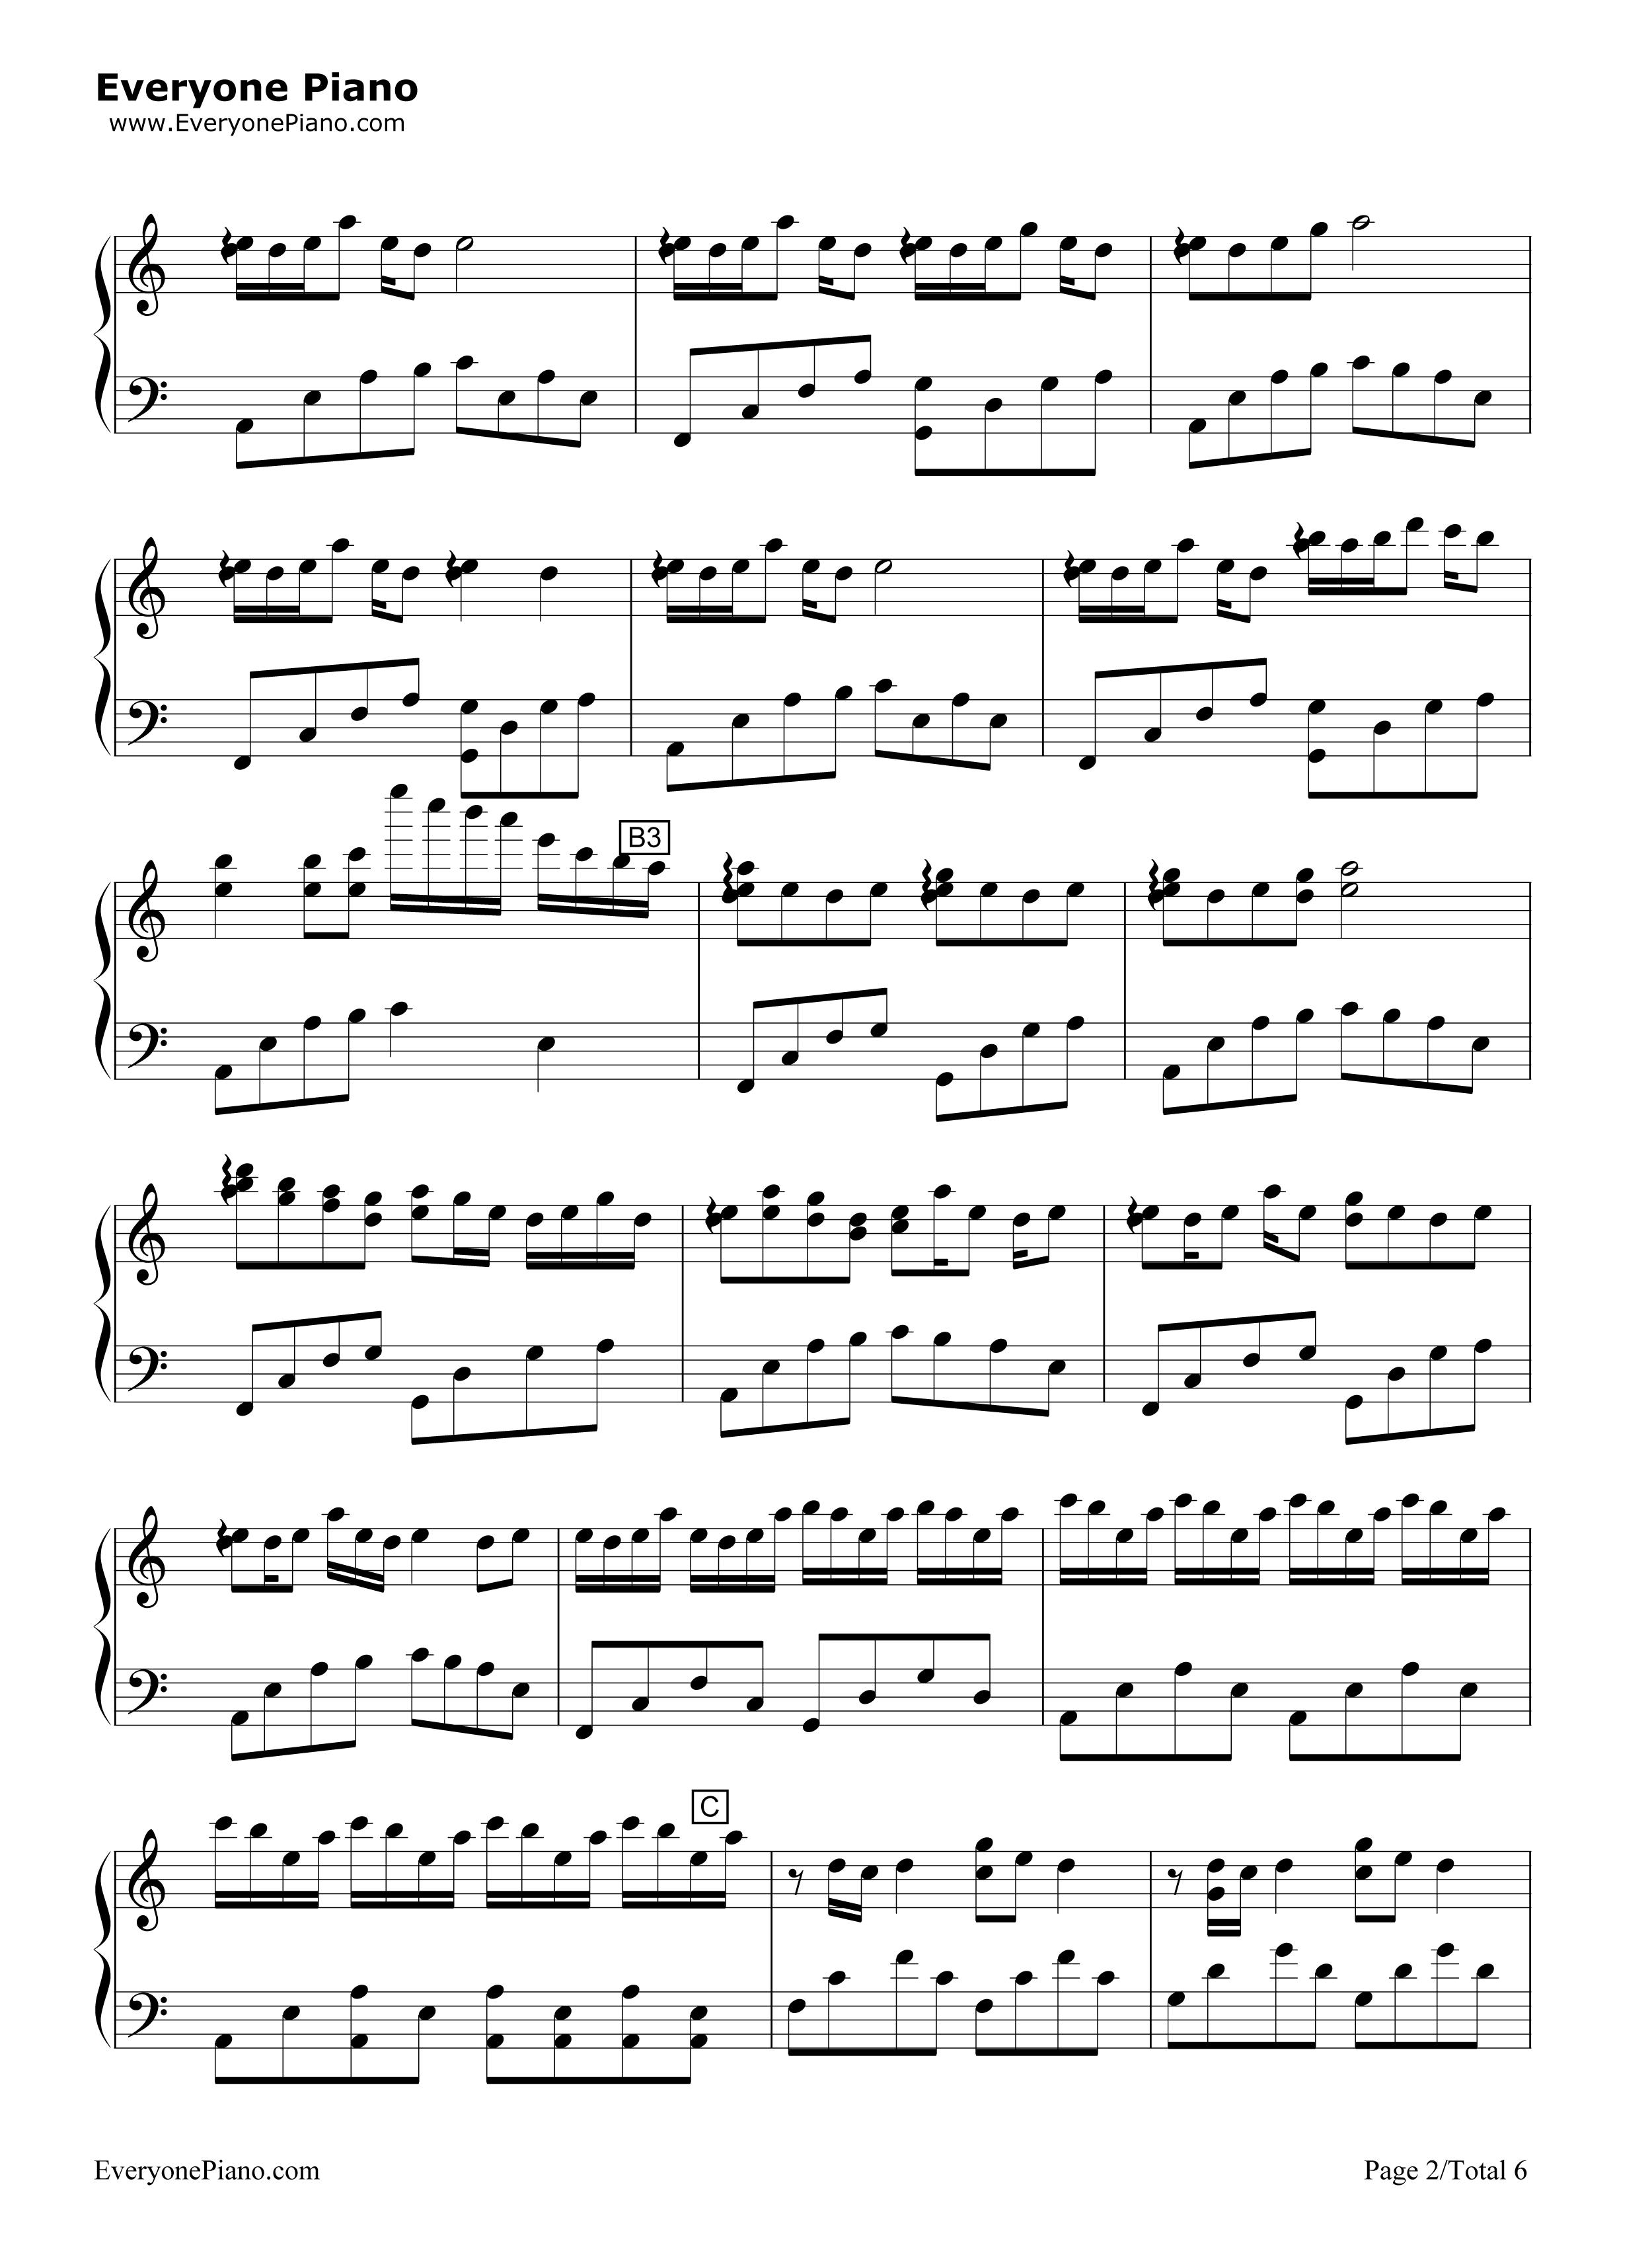 钢琴曲谱 轻音乐 luv letter-c调版 luv letter-c调版五线谱预览2  }